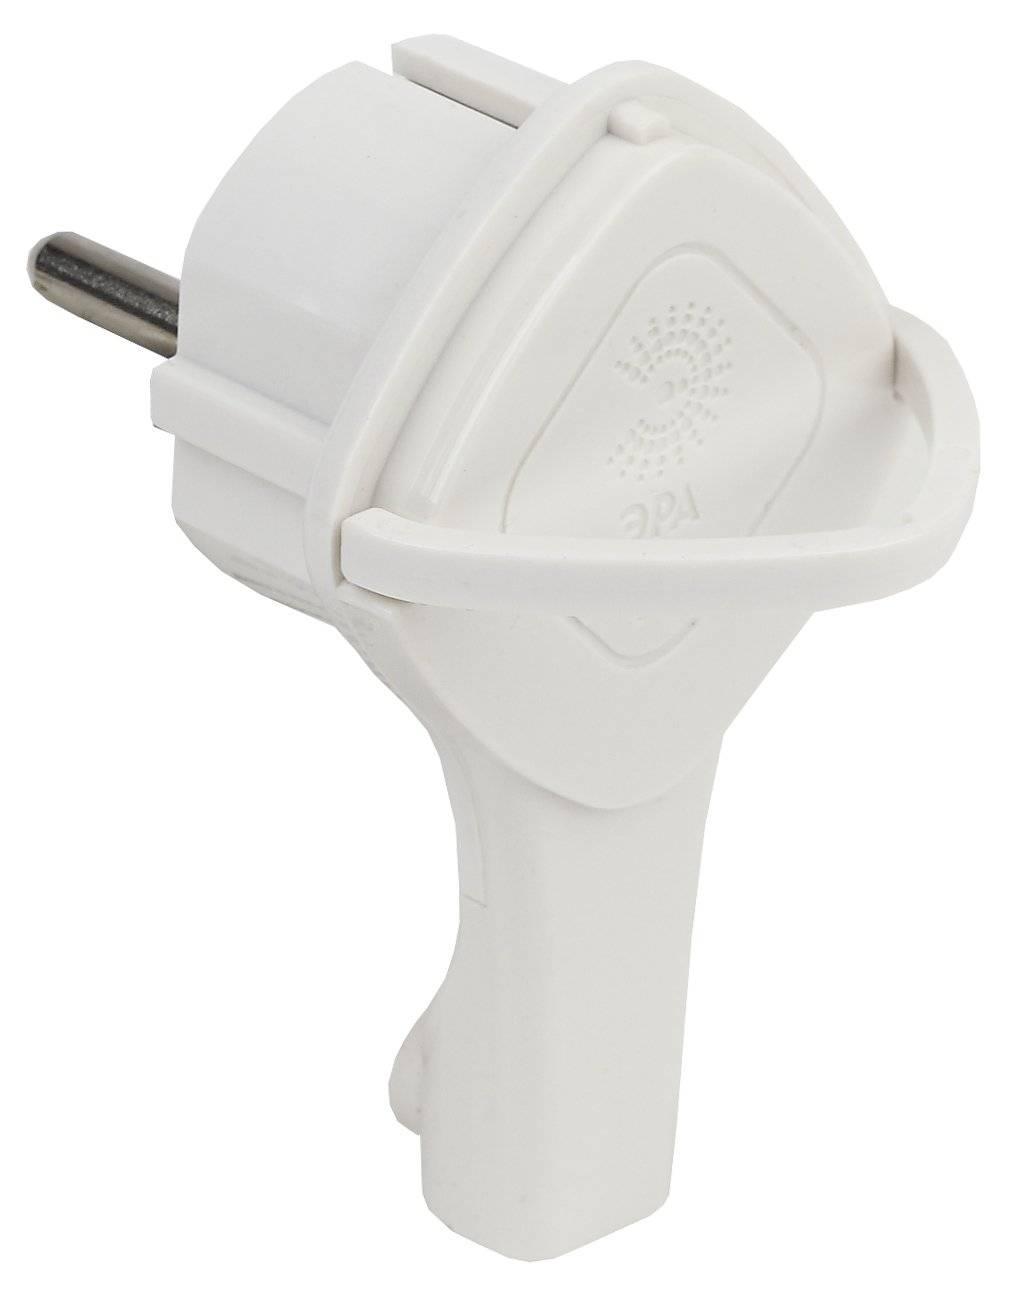 V5(U)  ЭРА Вилка ультраплоская c/з 16A с кольцом белая 5055945555691|Аксессуары для электрических розеток|   | АлиЭкспресс